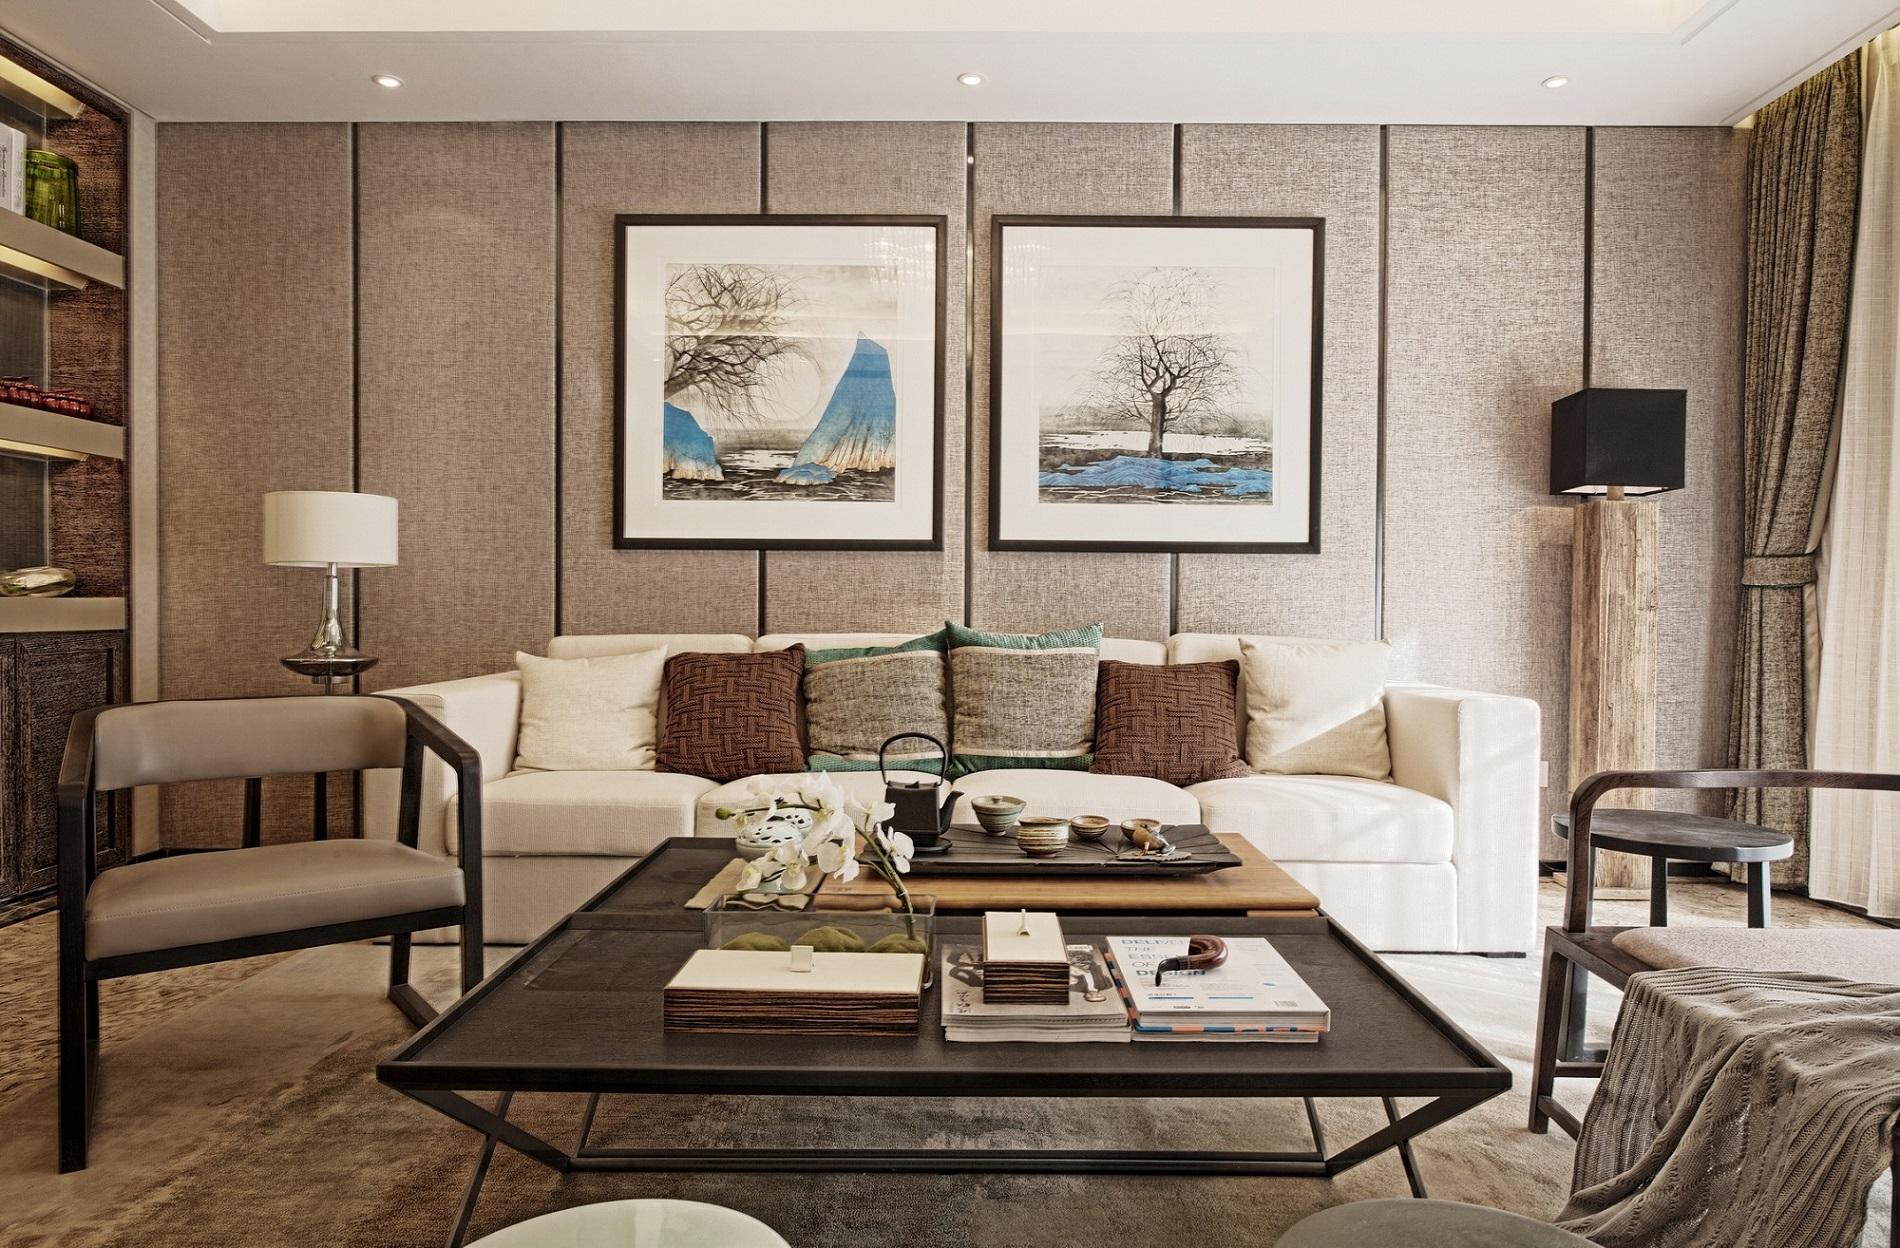 沙发背景墙非常有质感,山水装饰画增添了视觉格调,精致考究的工艺细节,生活从来不将就。